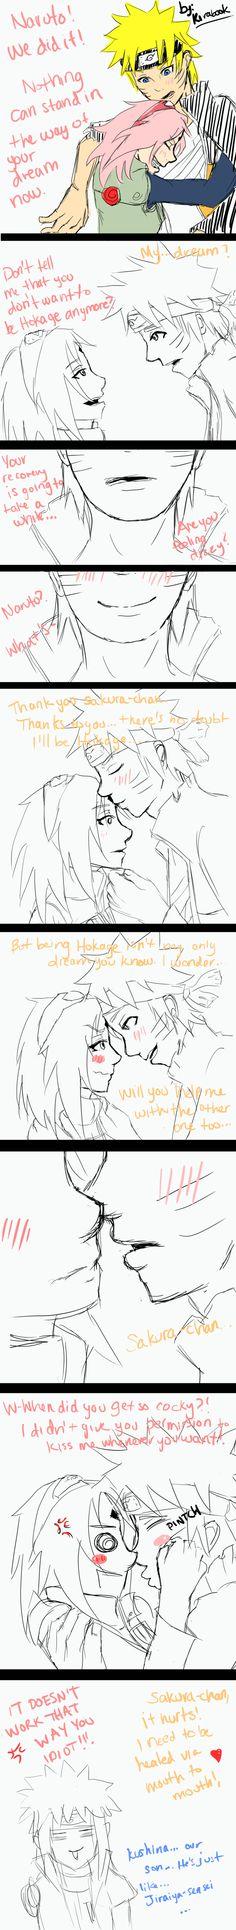 NaruSaku - The Kiss by Kirabook.deviantart.com on @deviantART